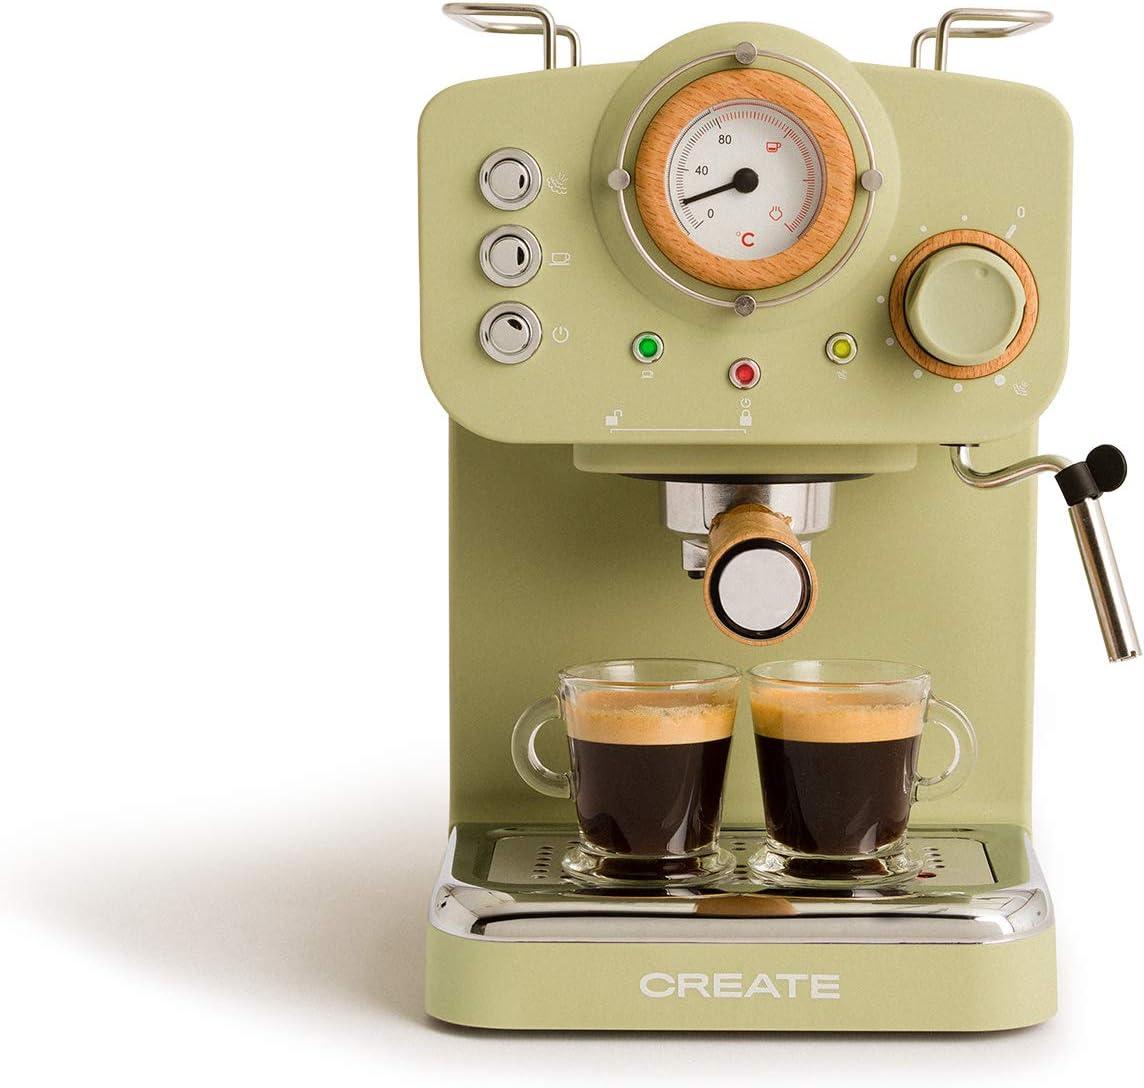 IKOHS THERA Retro - Cafetera Express para Espresso y Cappucino, 1100W, 15 Bares, Vaporizador Orientable, Capacidad 1.25l, Café Molido y Monodosis, con Doble Salida (Verde Mate)